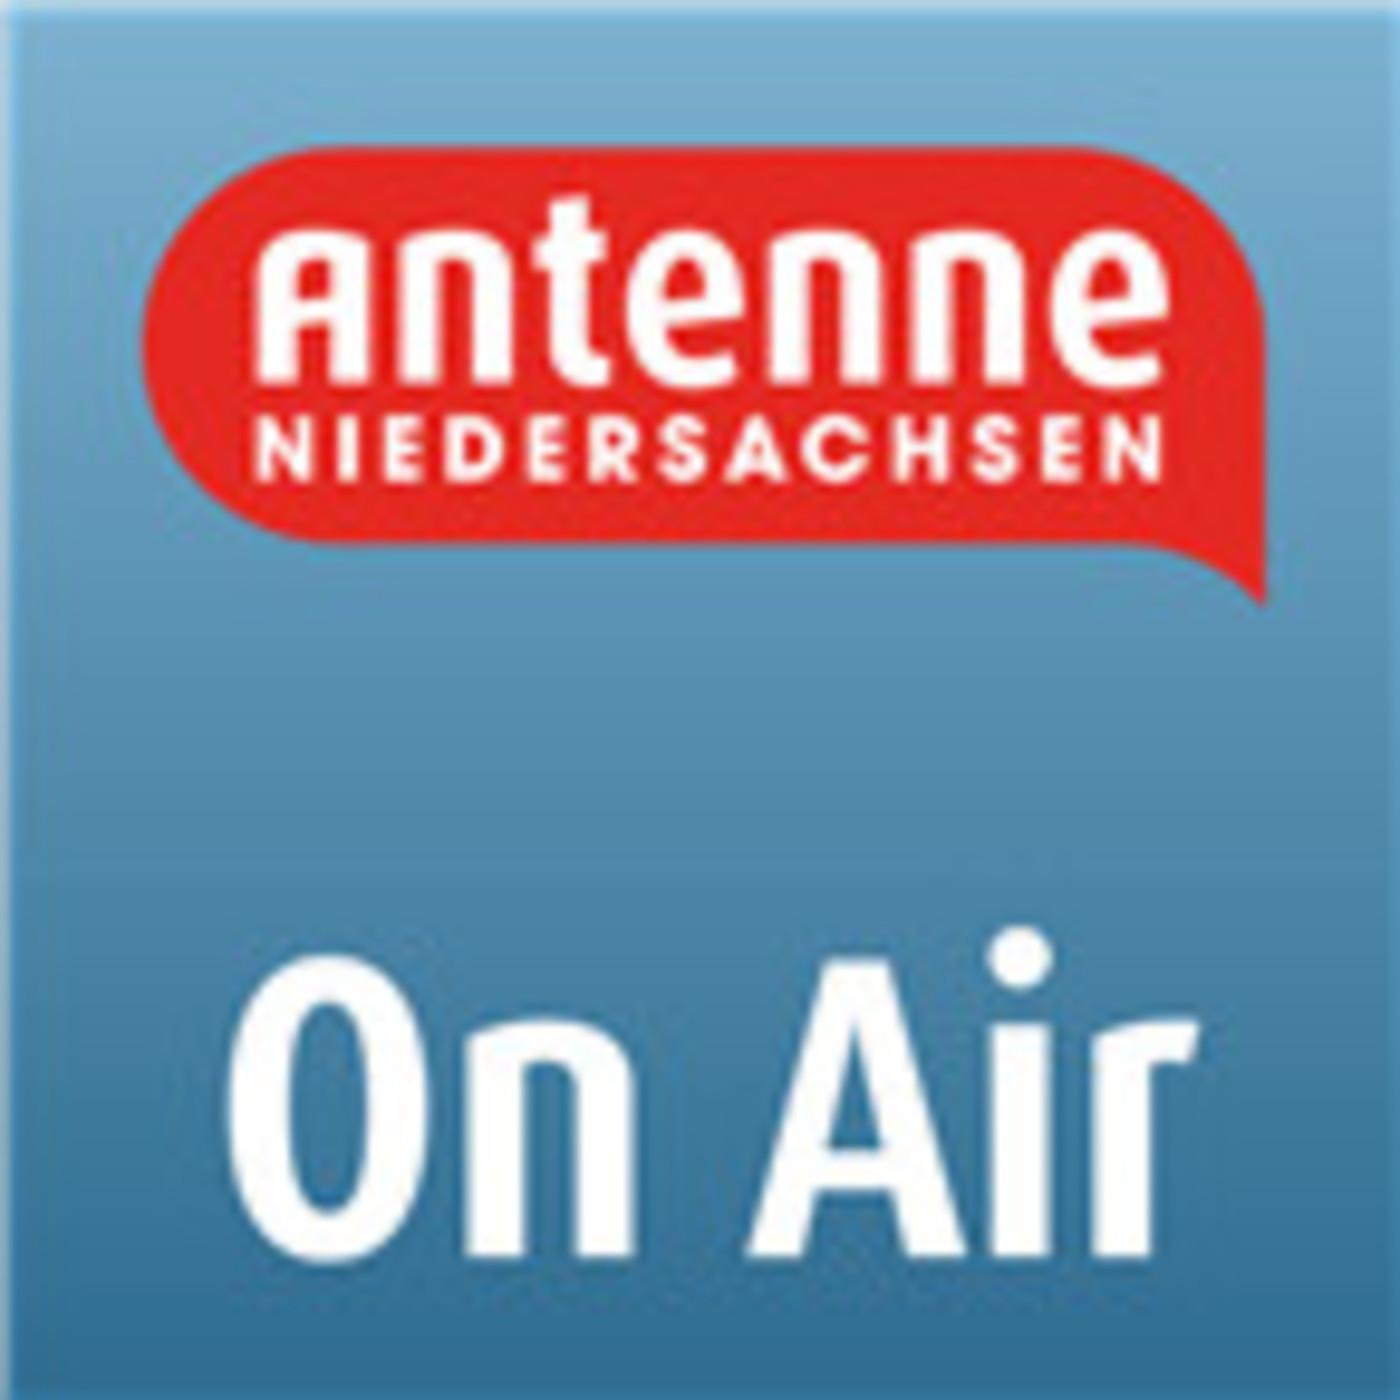 - Antenne Niedersachsen